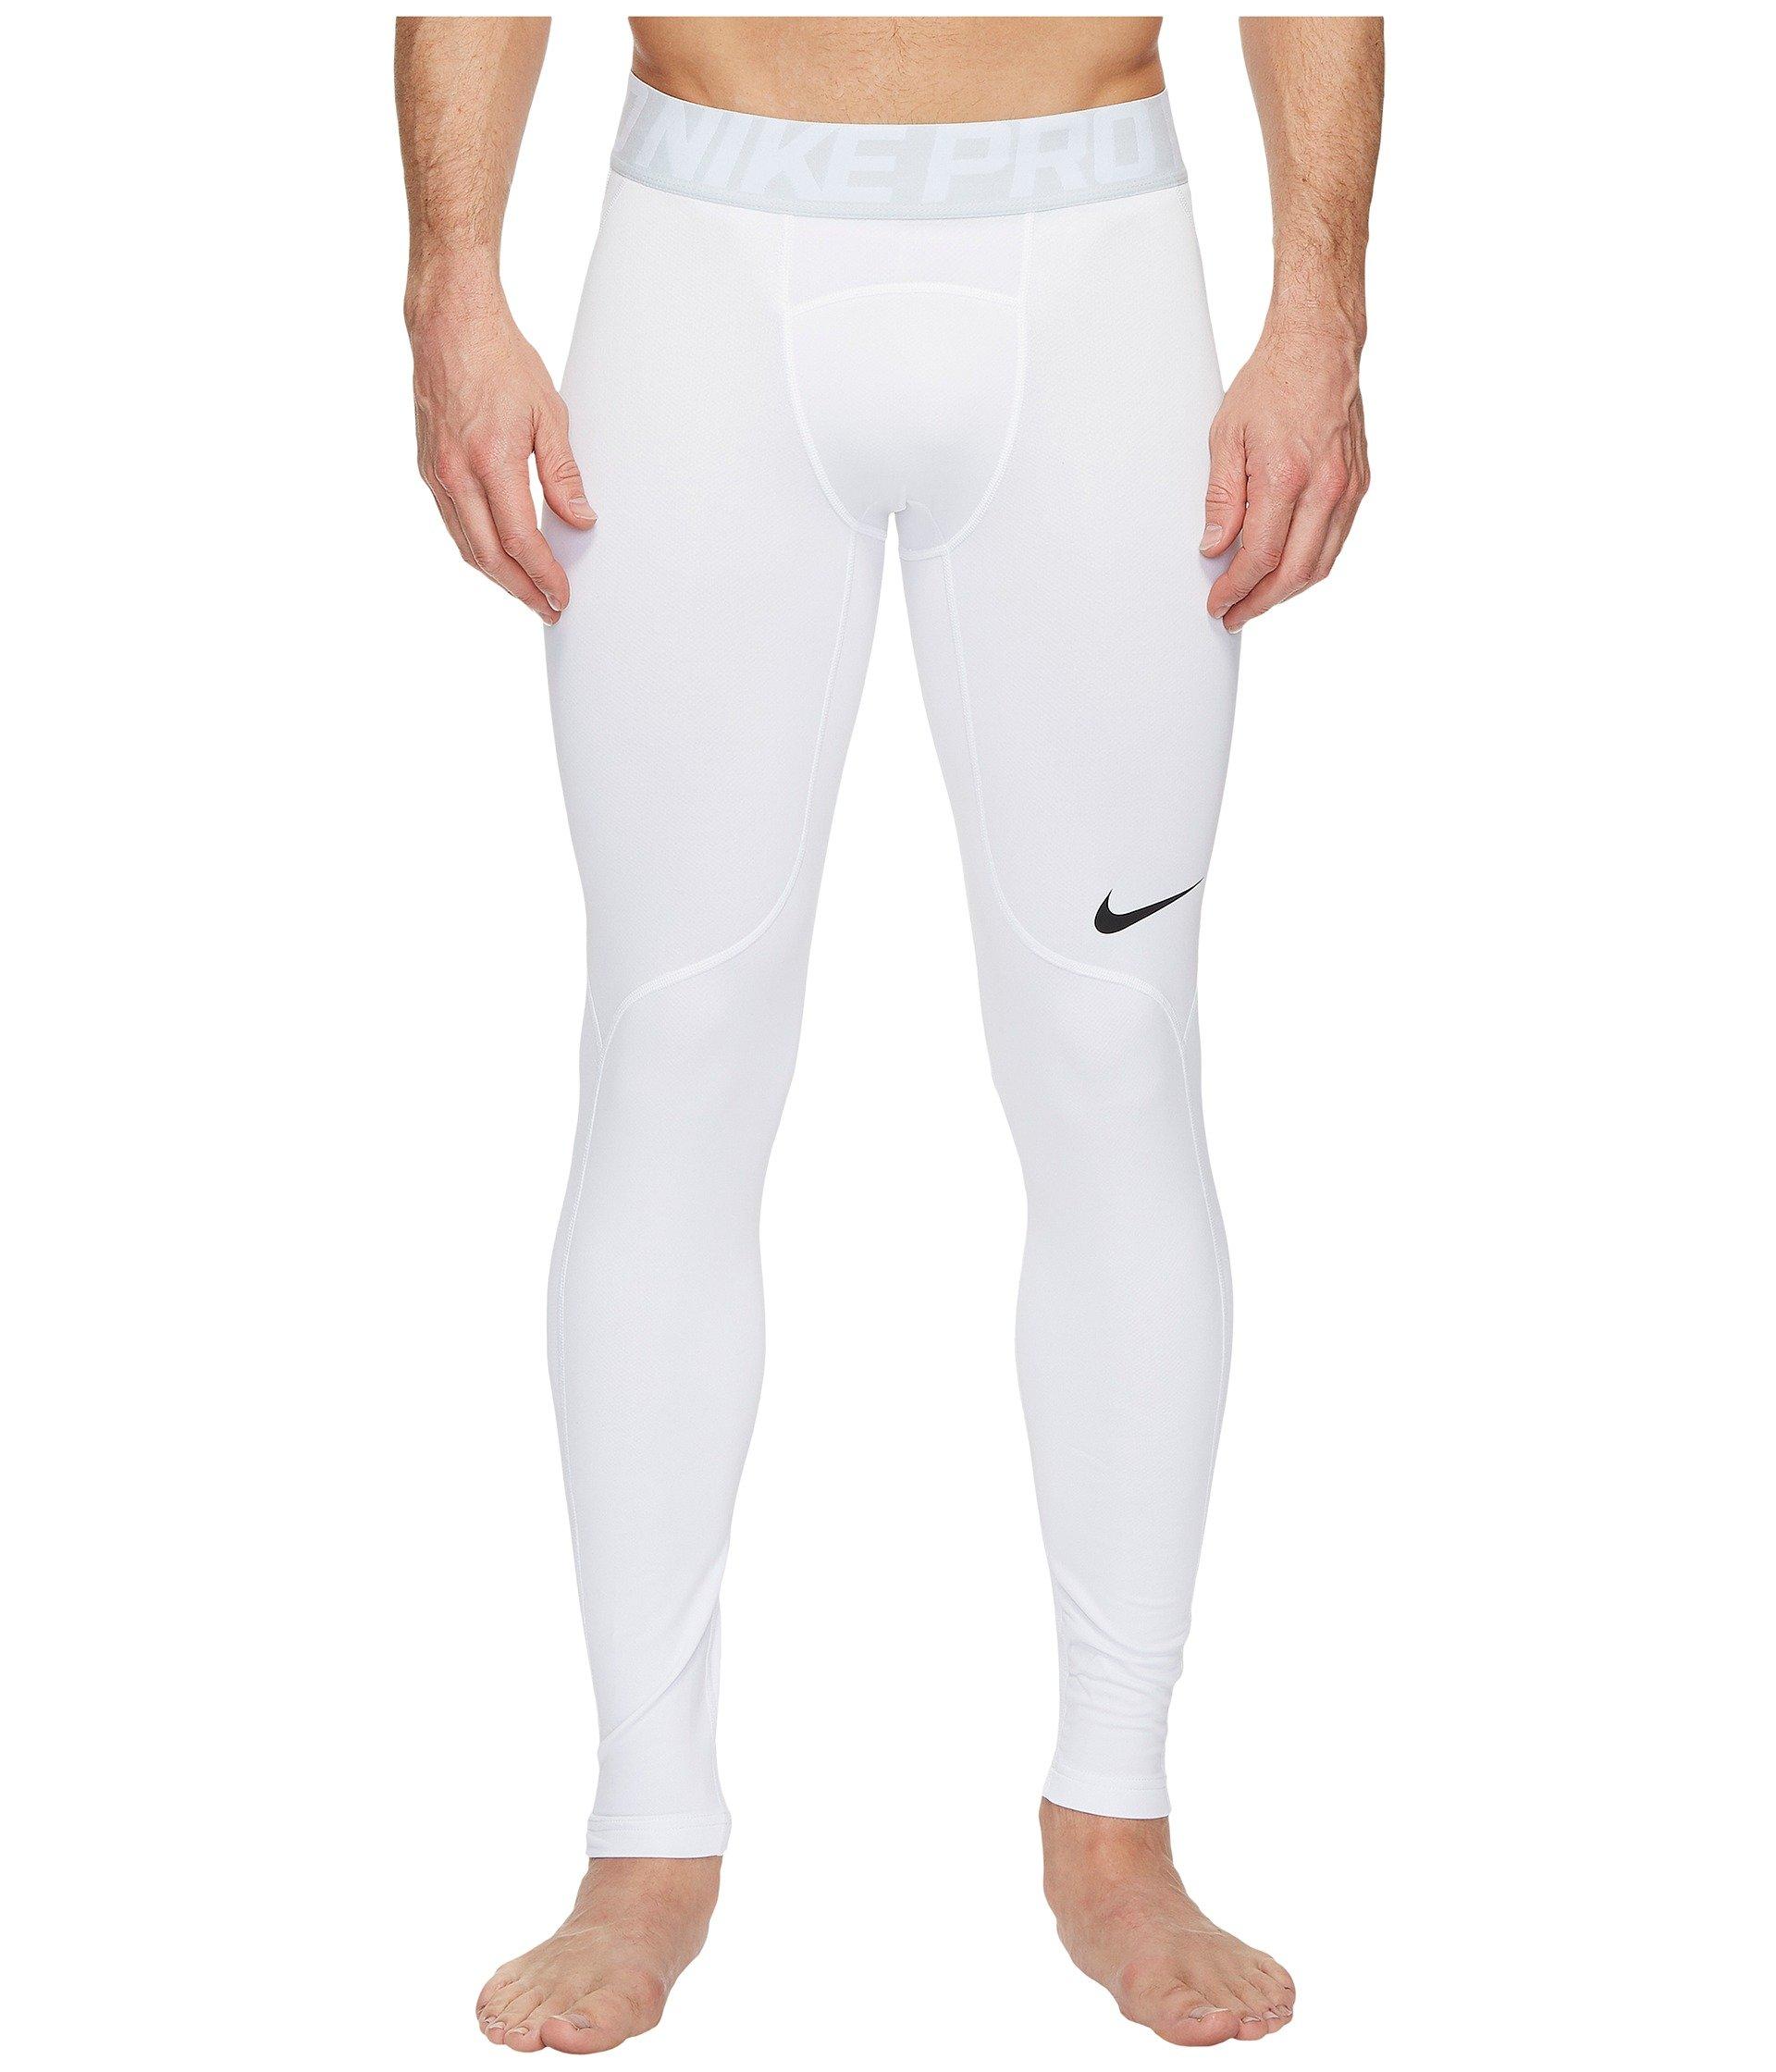 NIKE Men's Pro Hyperwarm Tights (XXL, White/Off White) by Nike